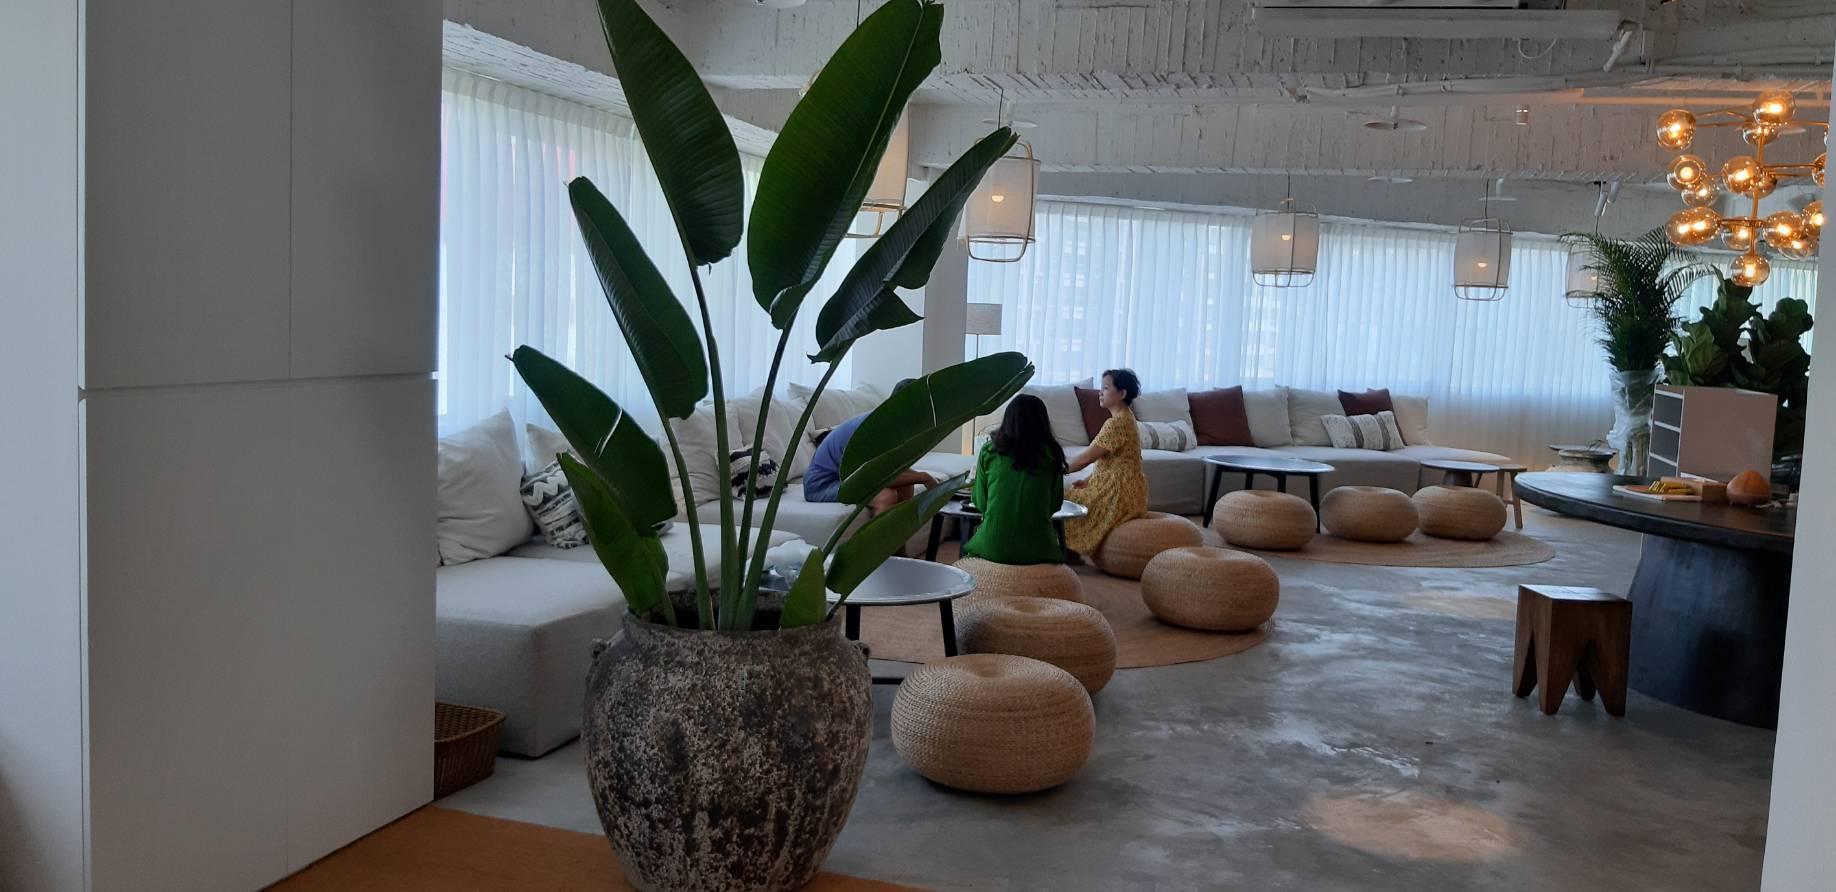 33莊園五感按摩空間—台北身心放鬆的最佳按摩紓壓聖地  都會喧囂裡的淳靜莊園級享受 @東南亞投資報告